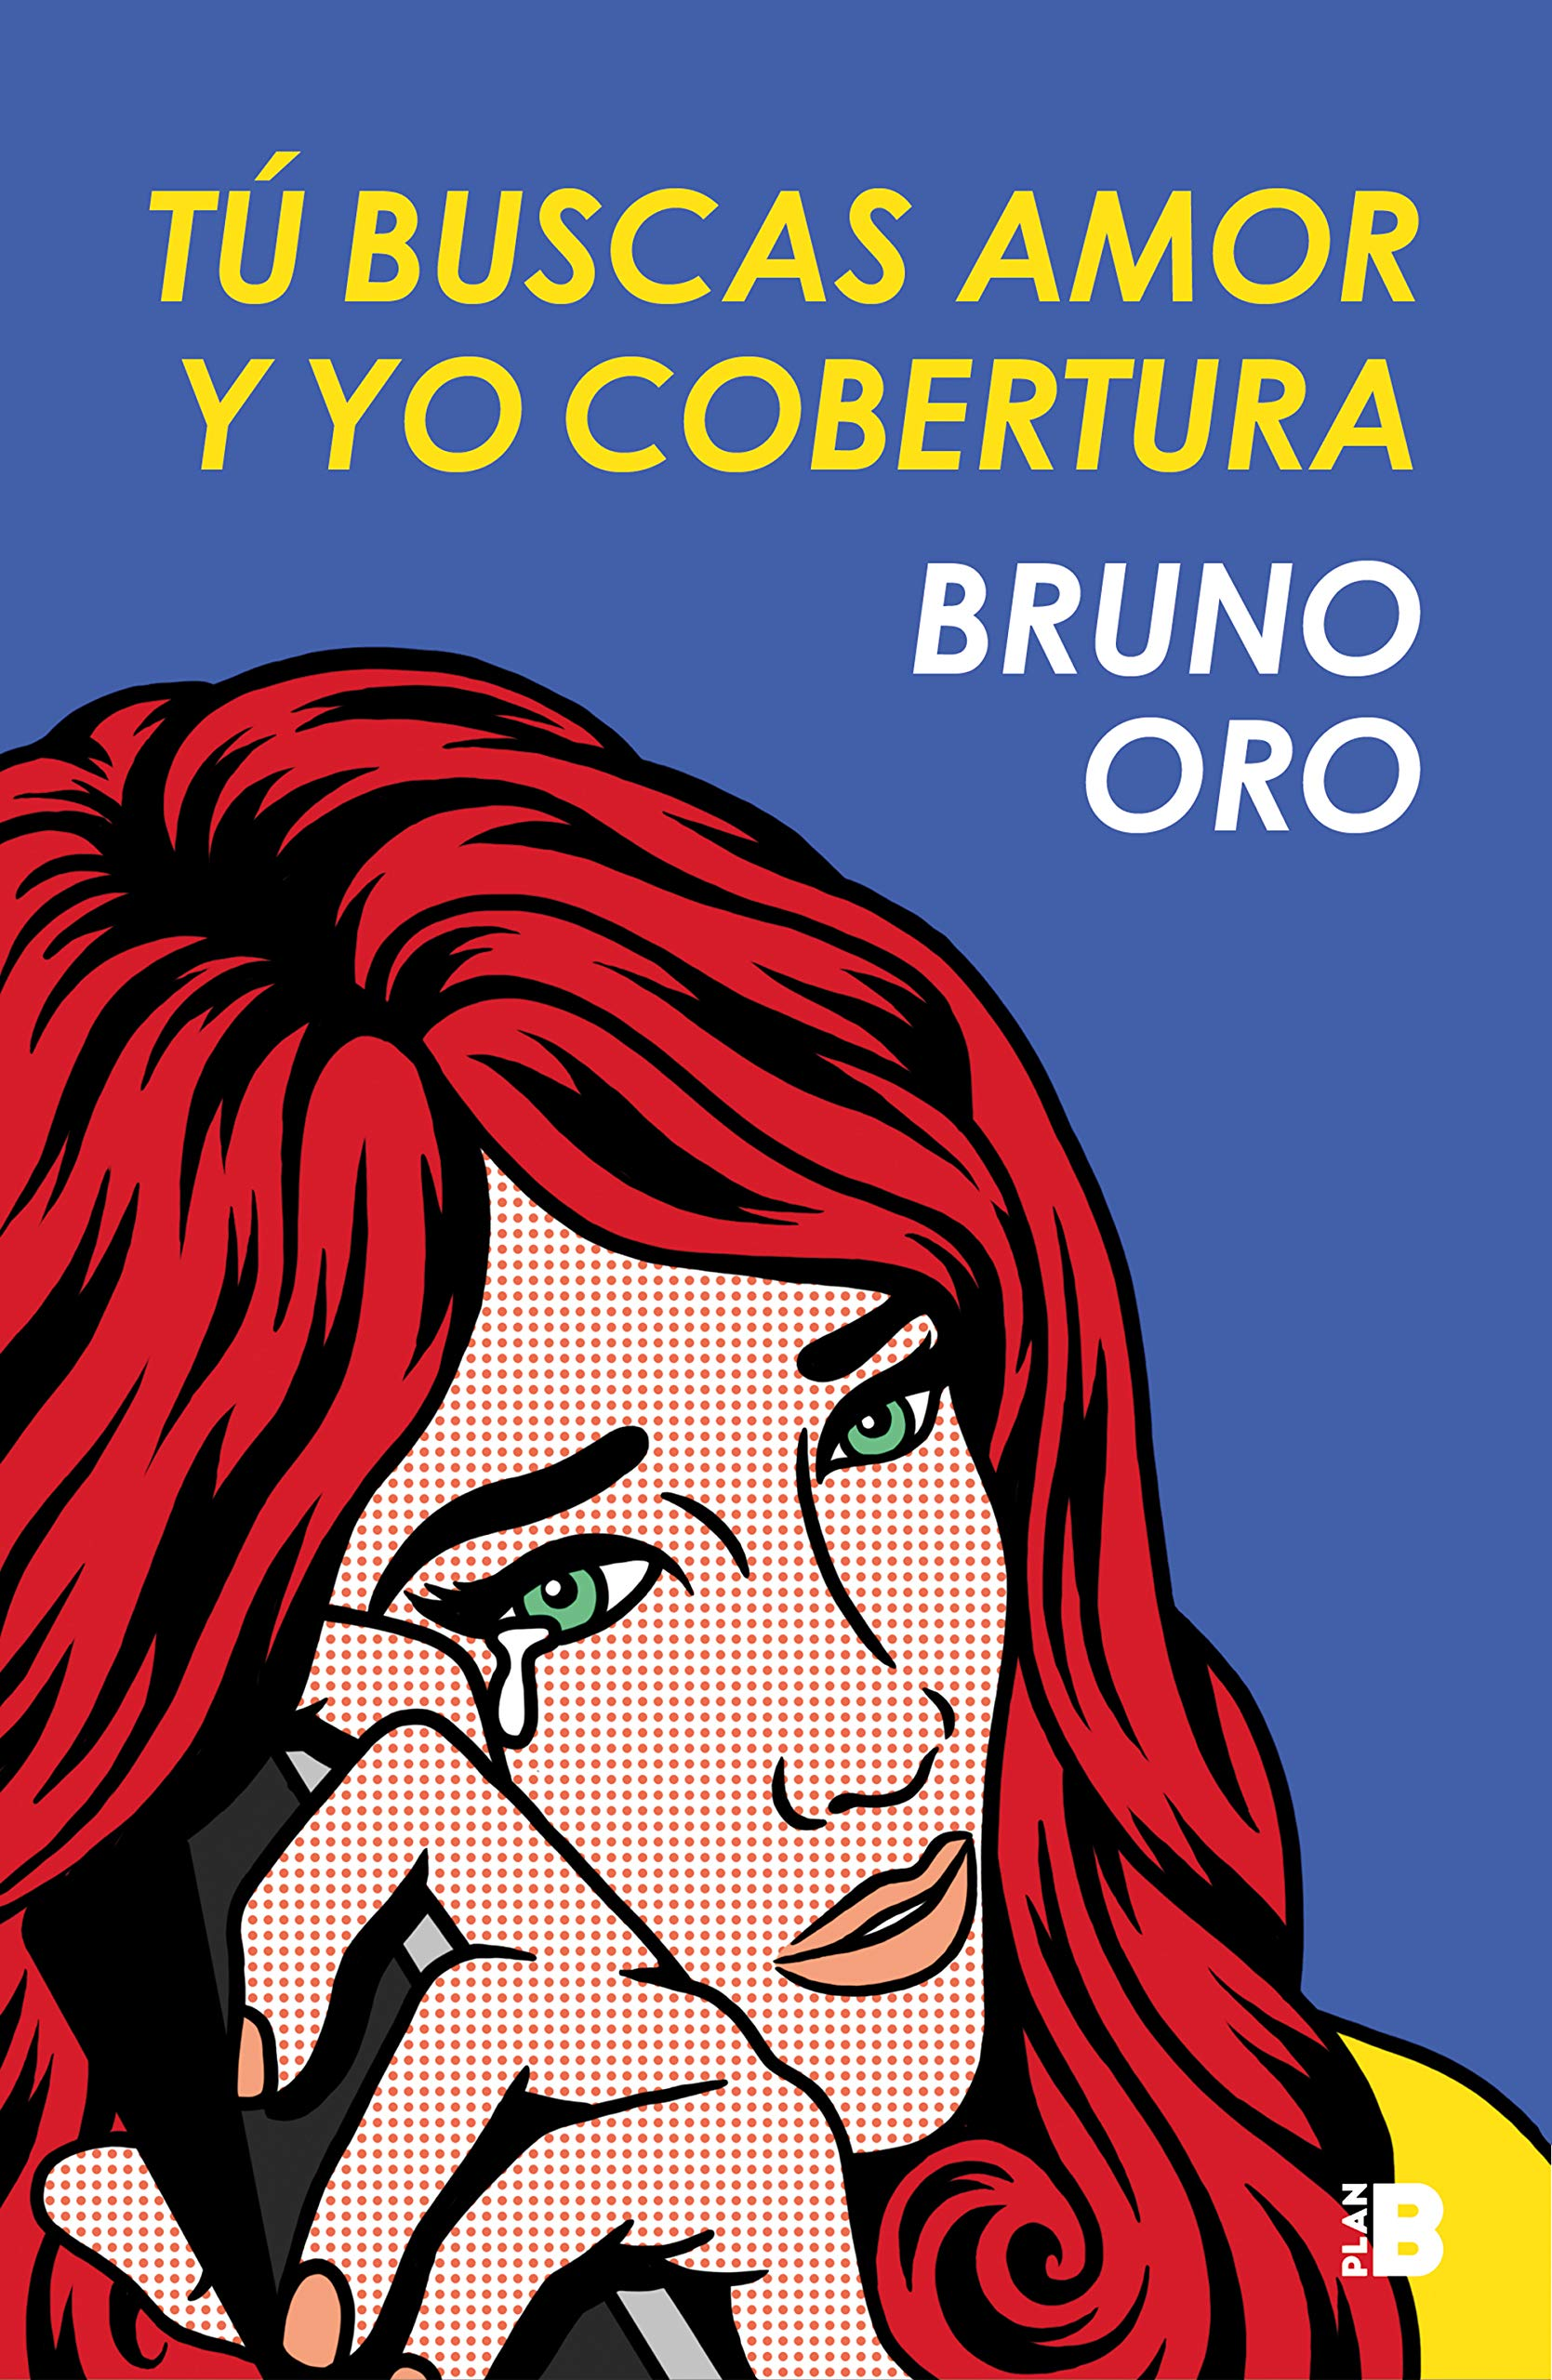 Tú buscas amor y yo cobertura (Plan B): Amazon.es: Oro, Bruno: Libros